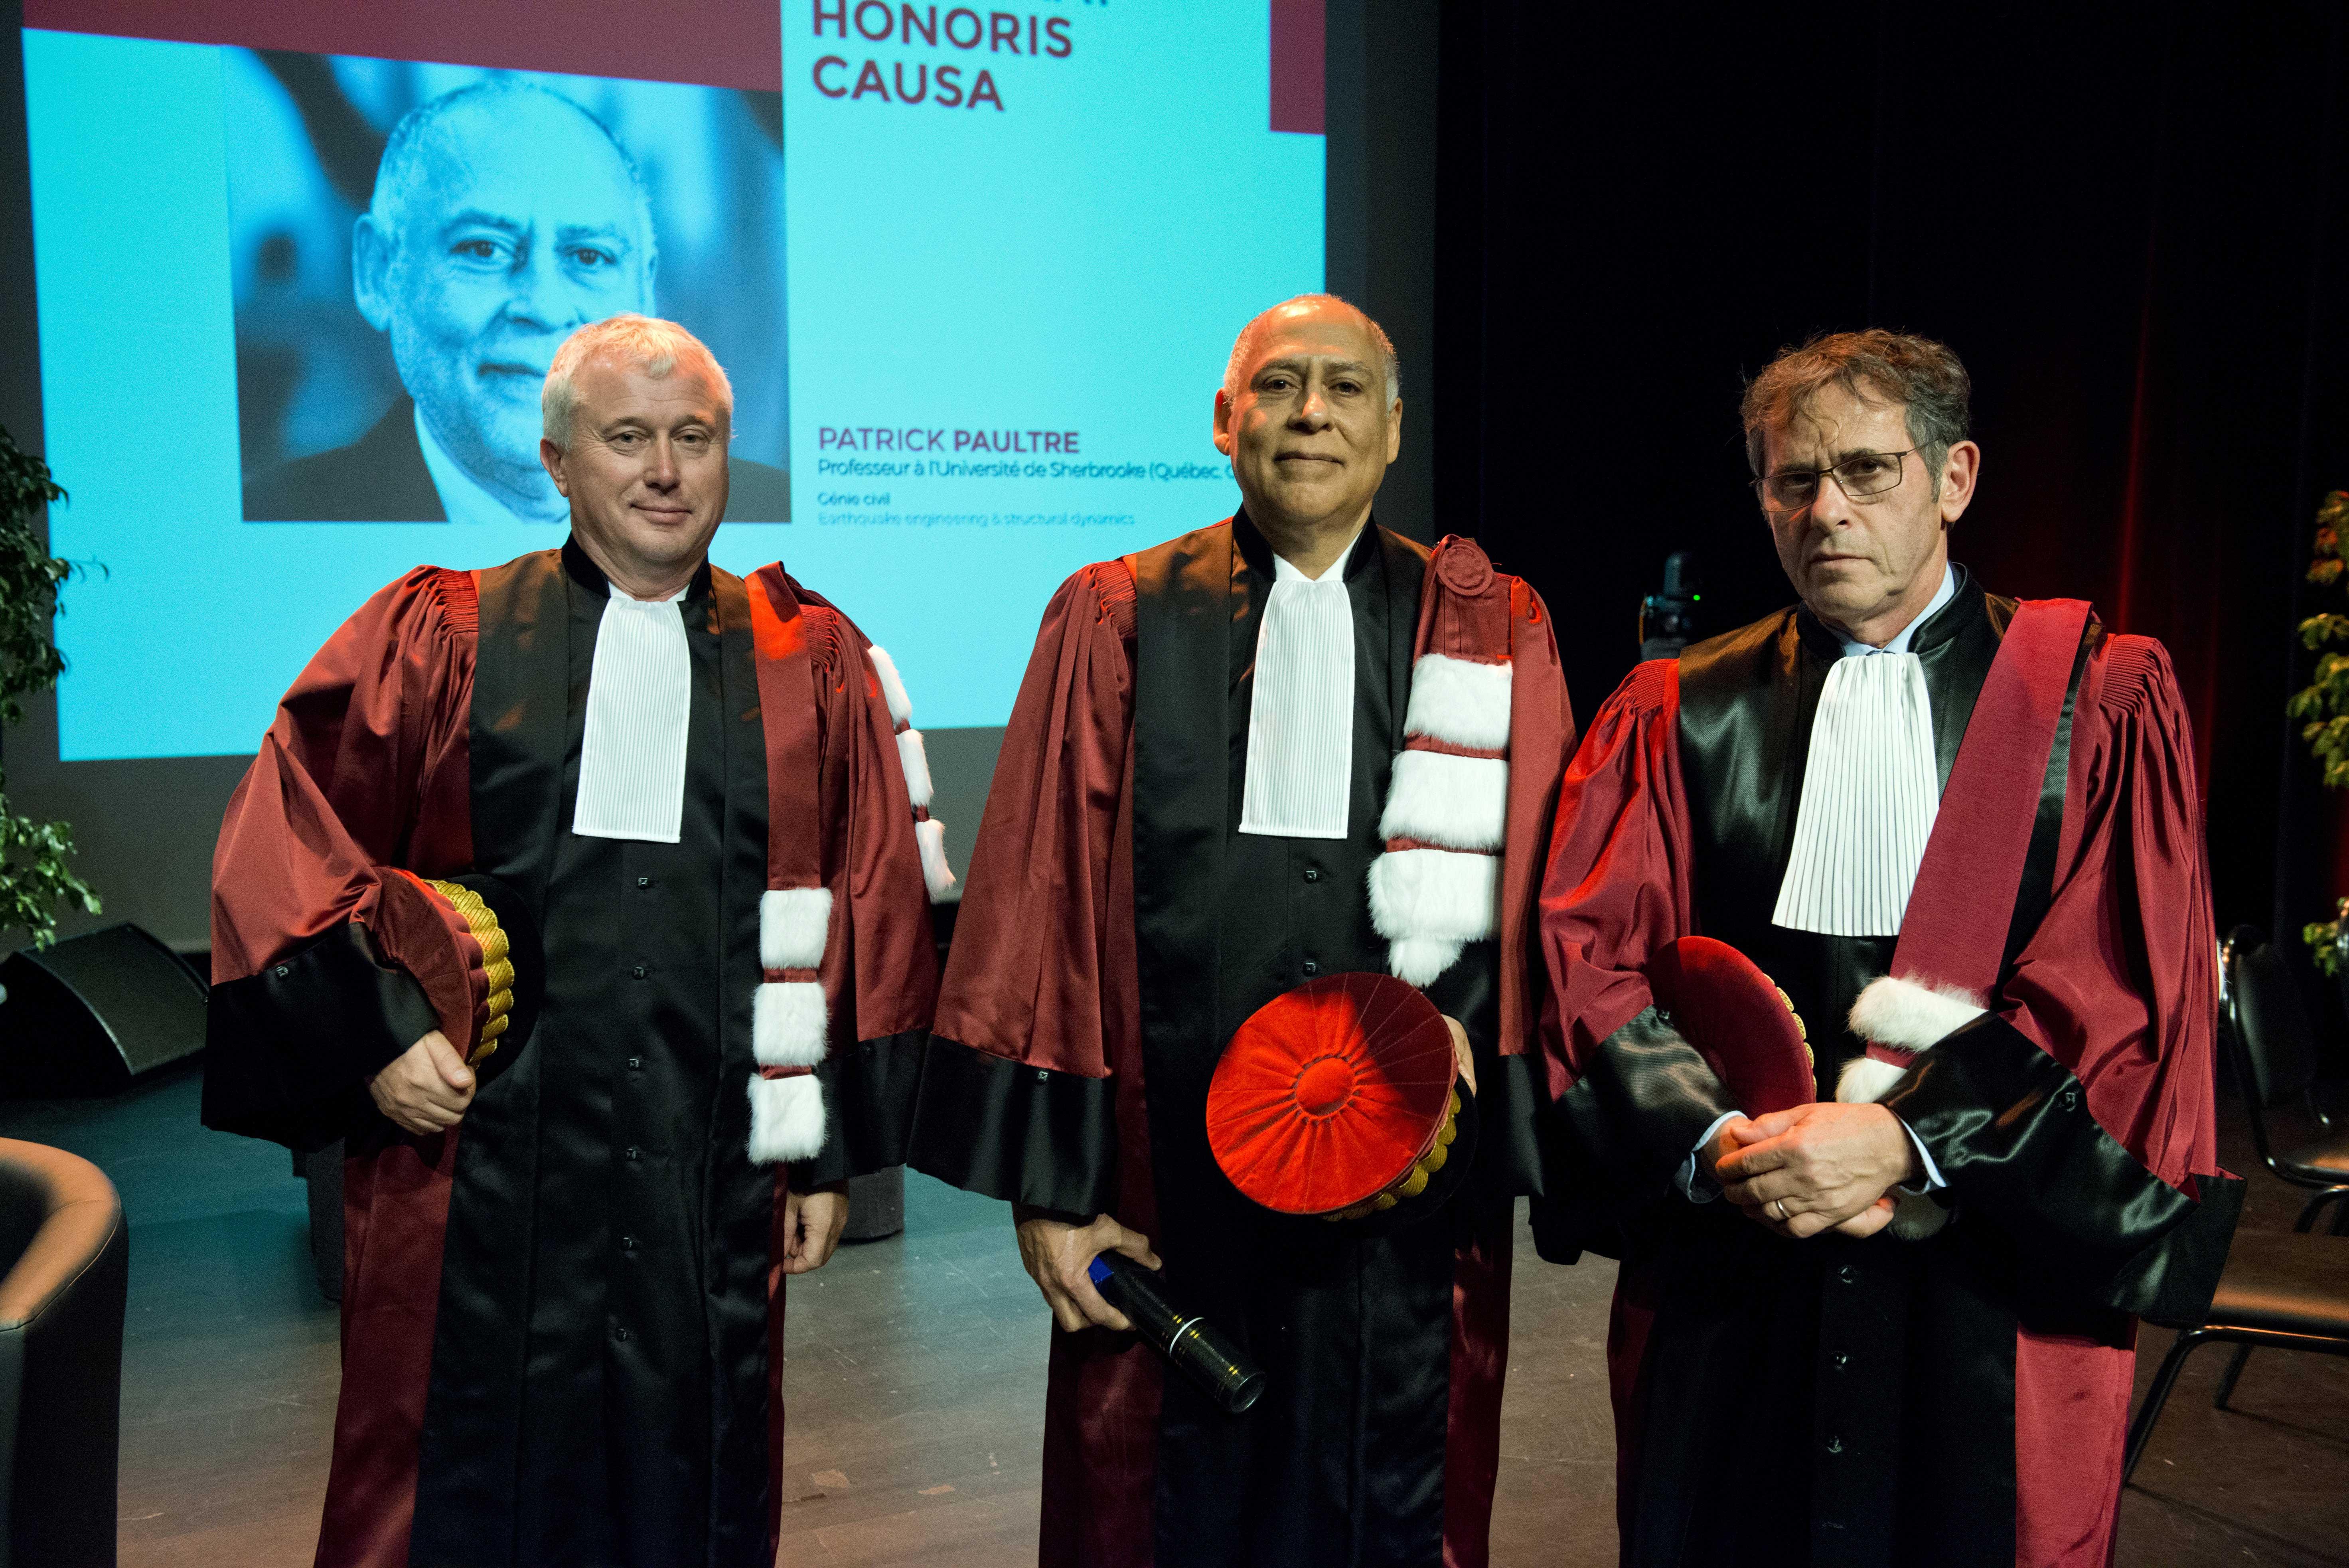 Patrick Paultre entouré de son parrain, Laurent Daudeville et du président de l'UGA